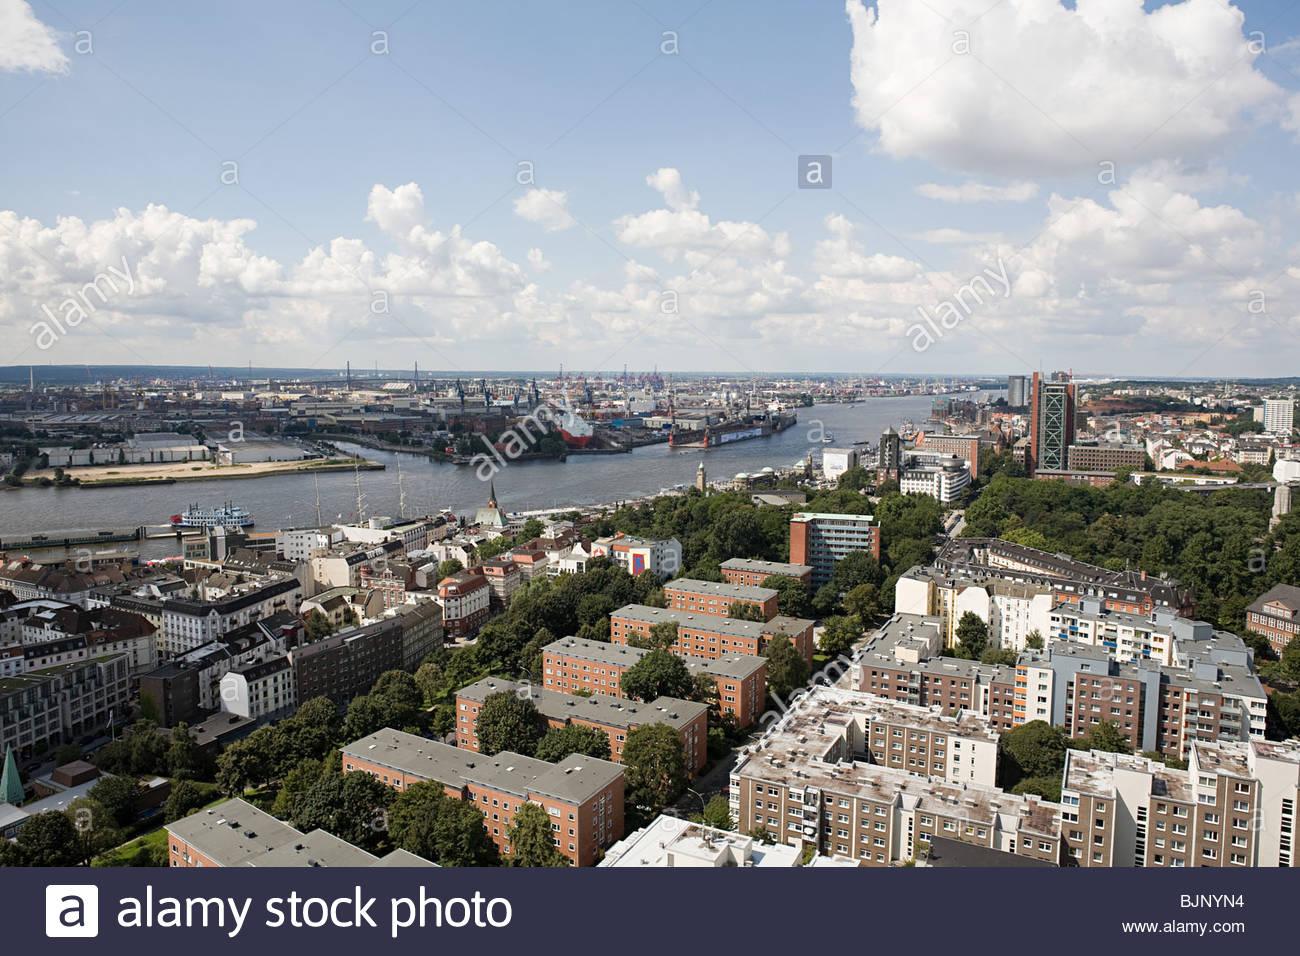 Hamburg cityscape - Stock Image